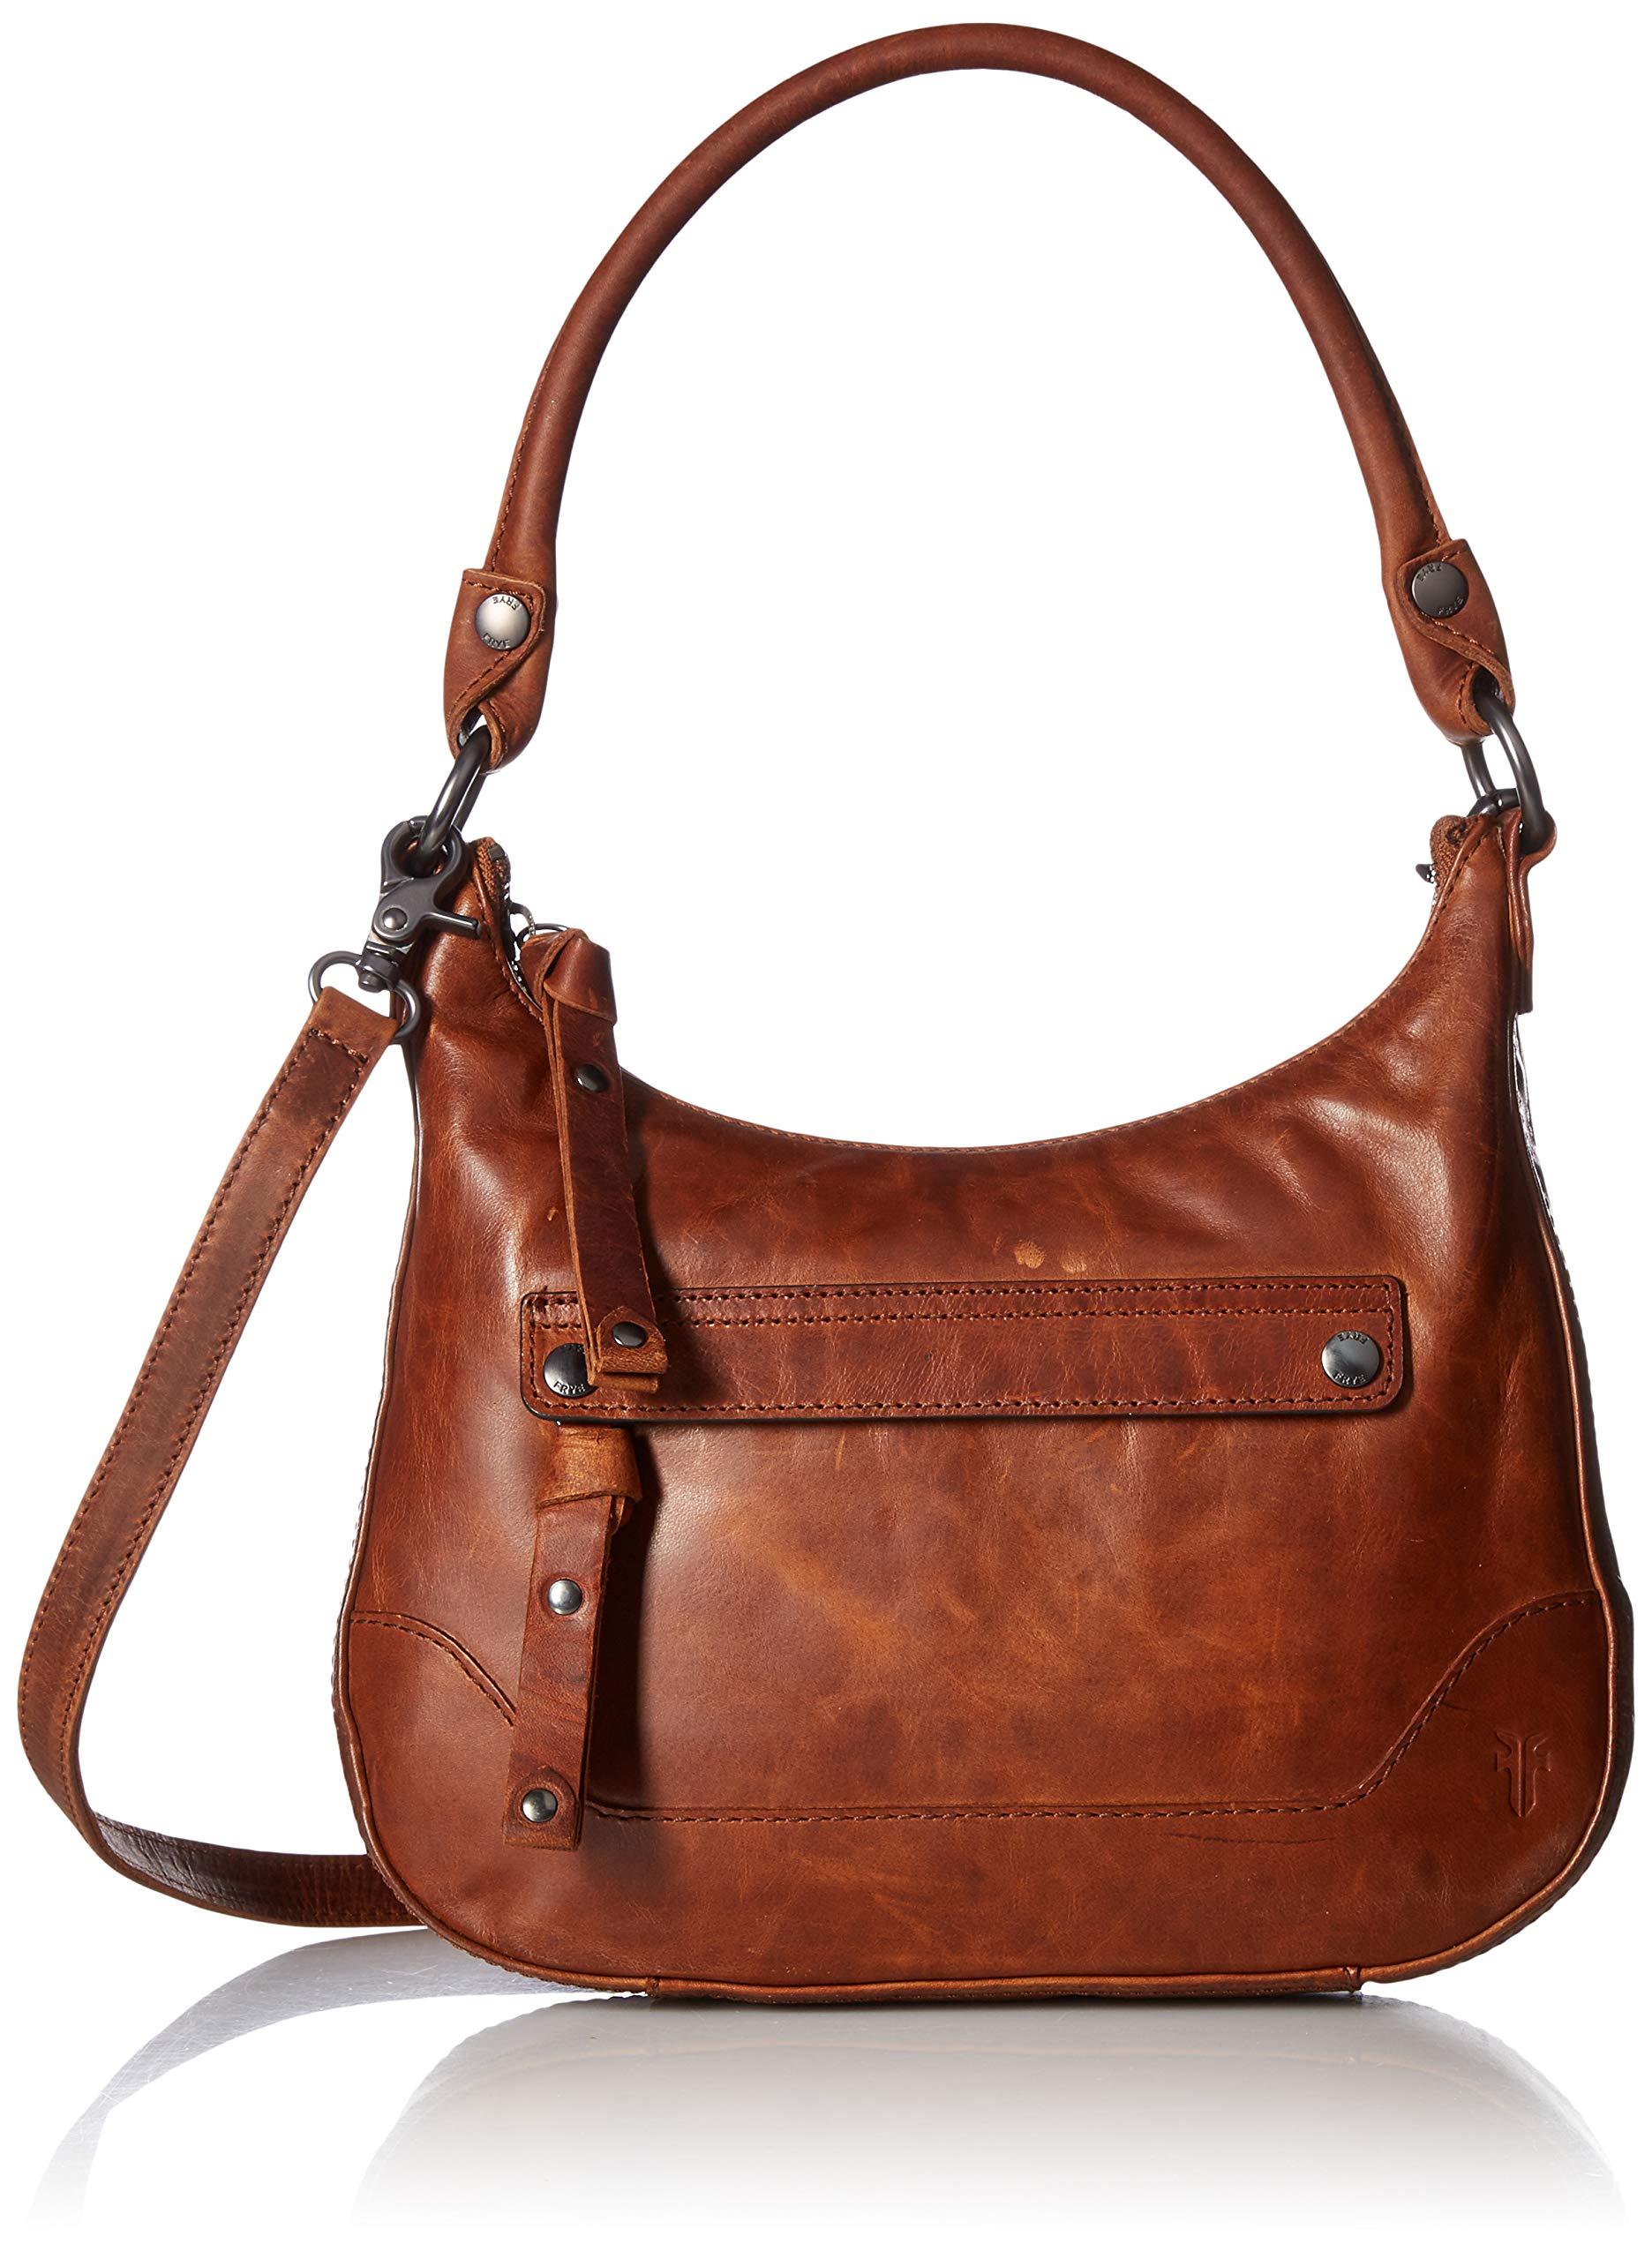 FRYE Melissa Zip Small Leather Hobo Crossbody, cognac